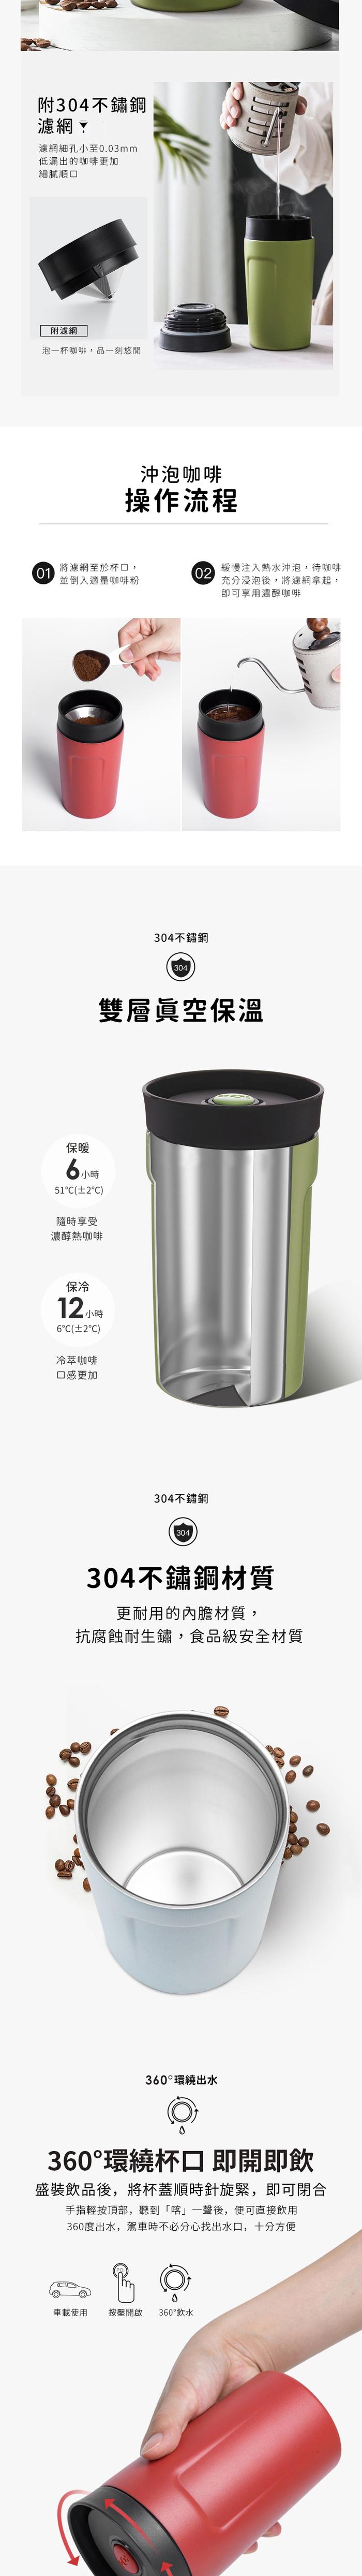 (複製)PO:Selected|丹麥手沖咖啡禮盒組(手動咖啡磨-黑/咖啡玻璃杯350ml-黑藍)